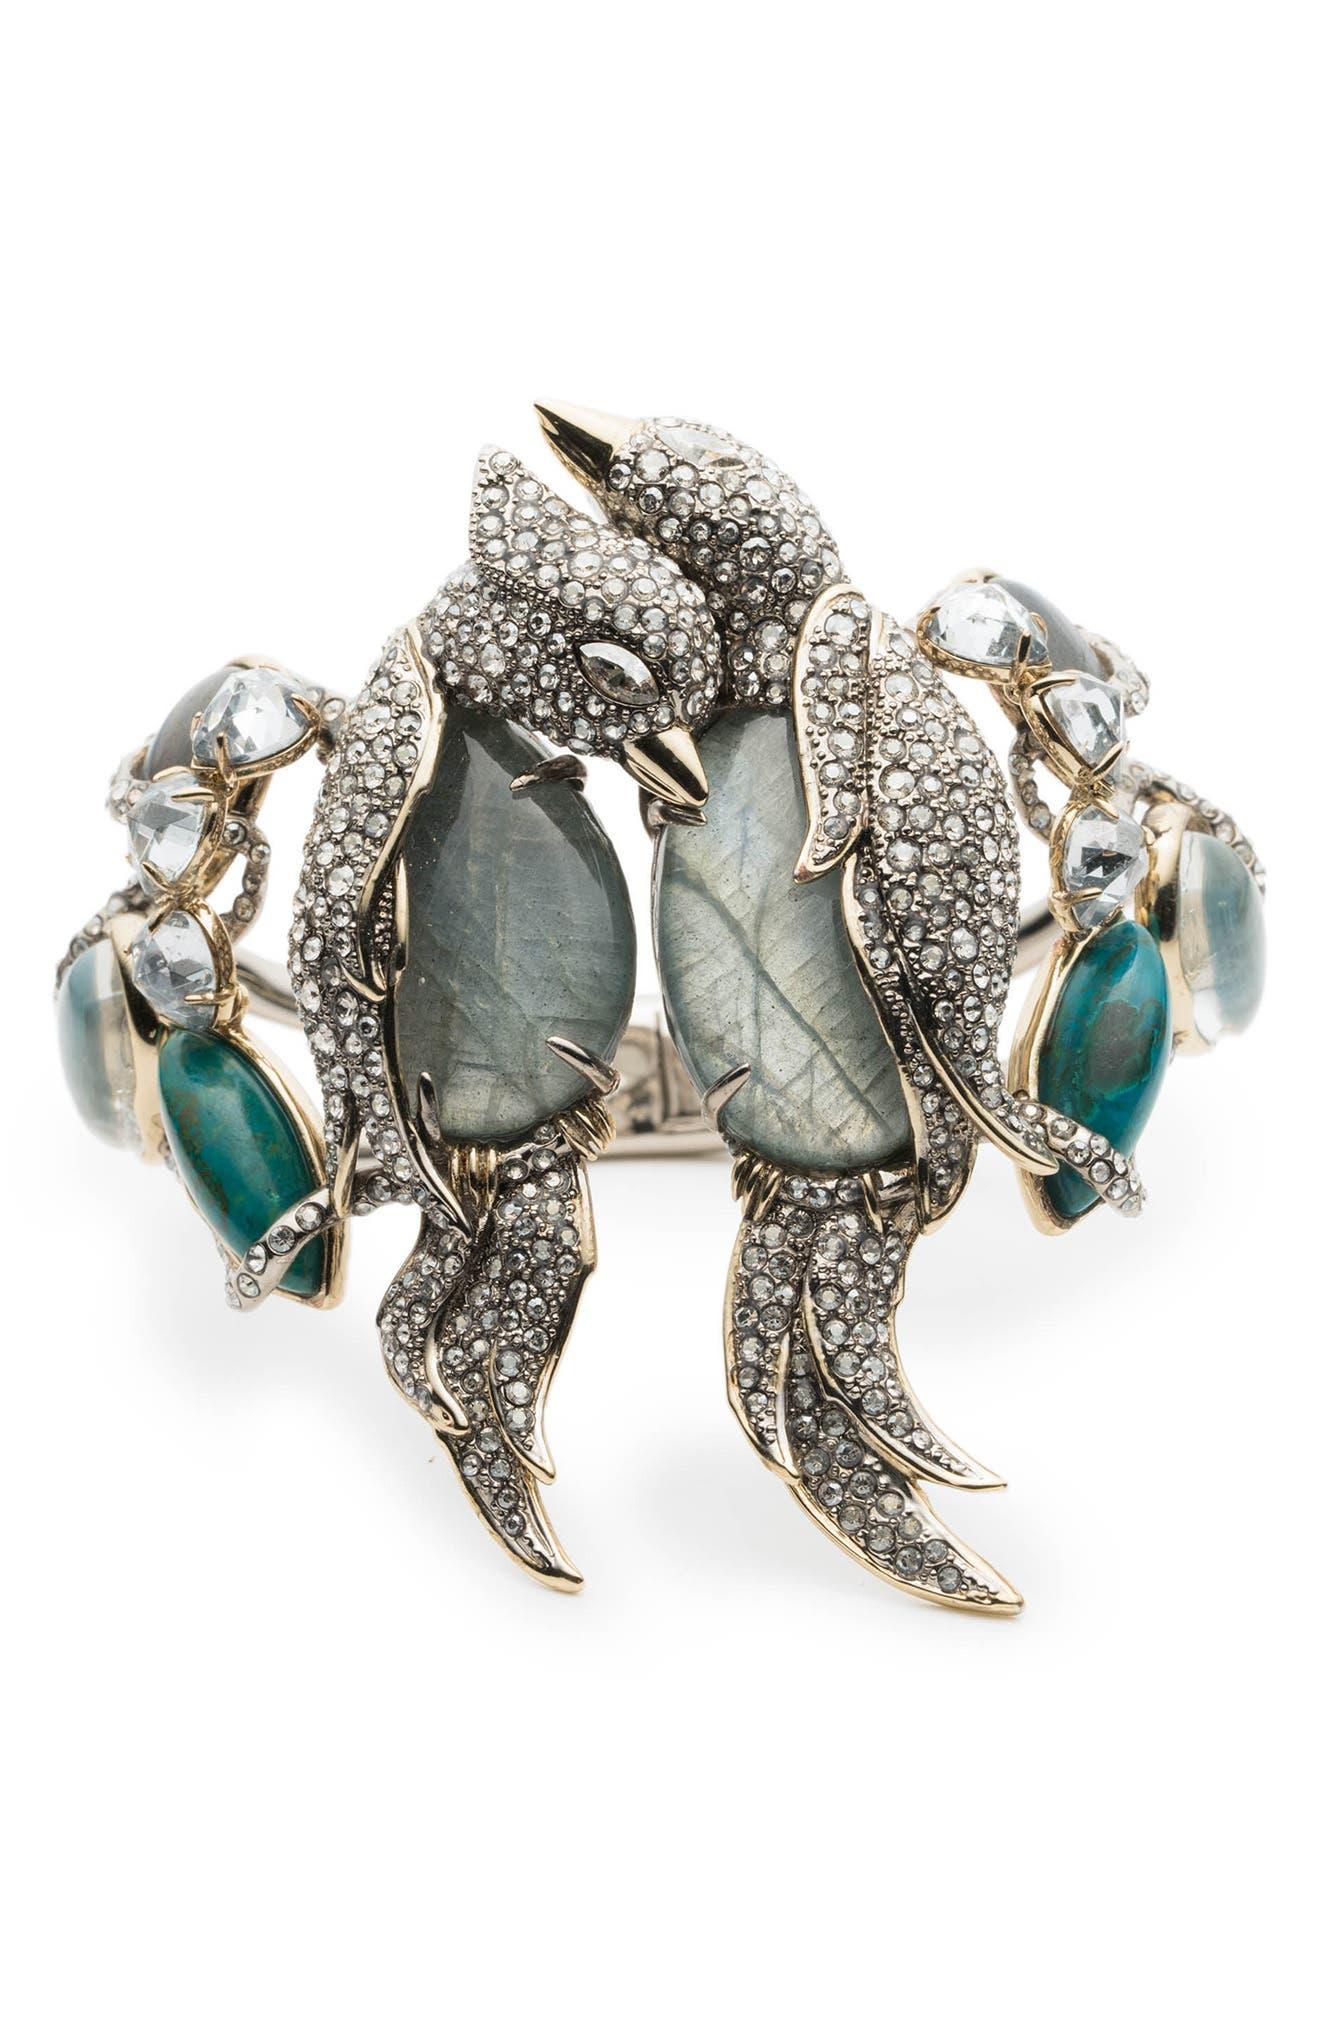 Lovebird Hinge Bracelet,                             Main thumbnail 1, color,                             Gold/ Silver